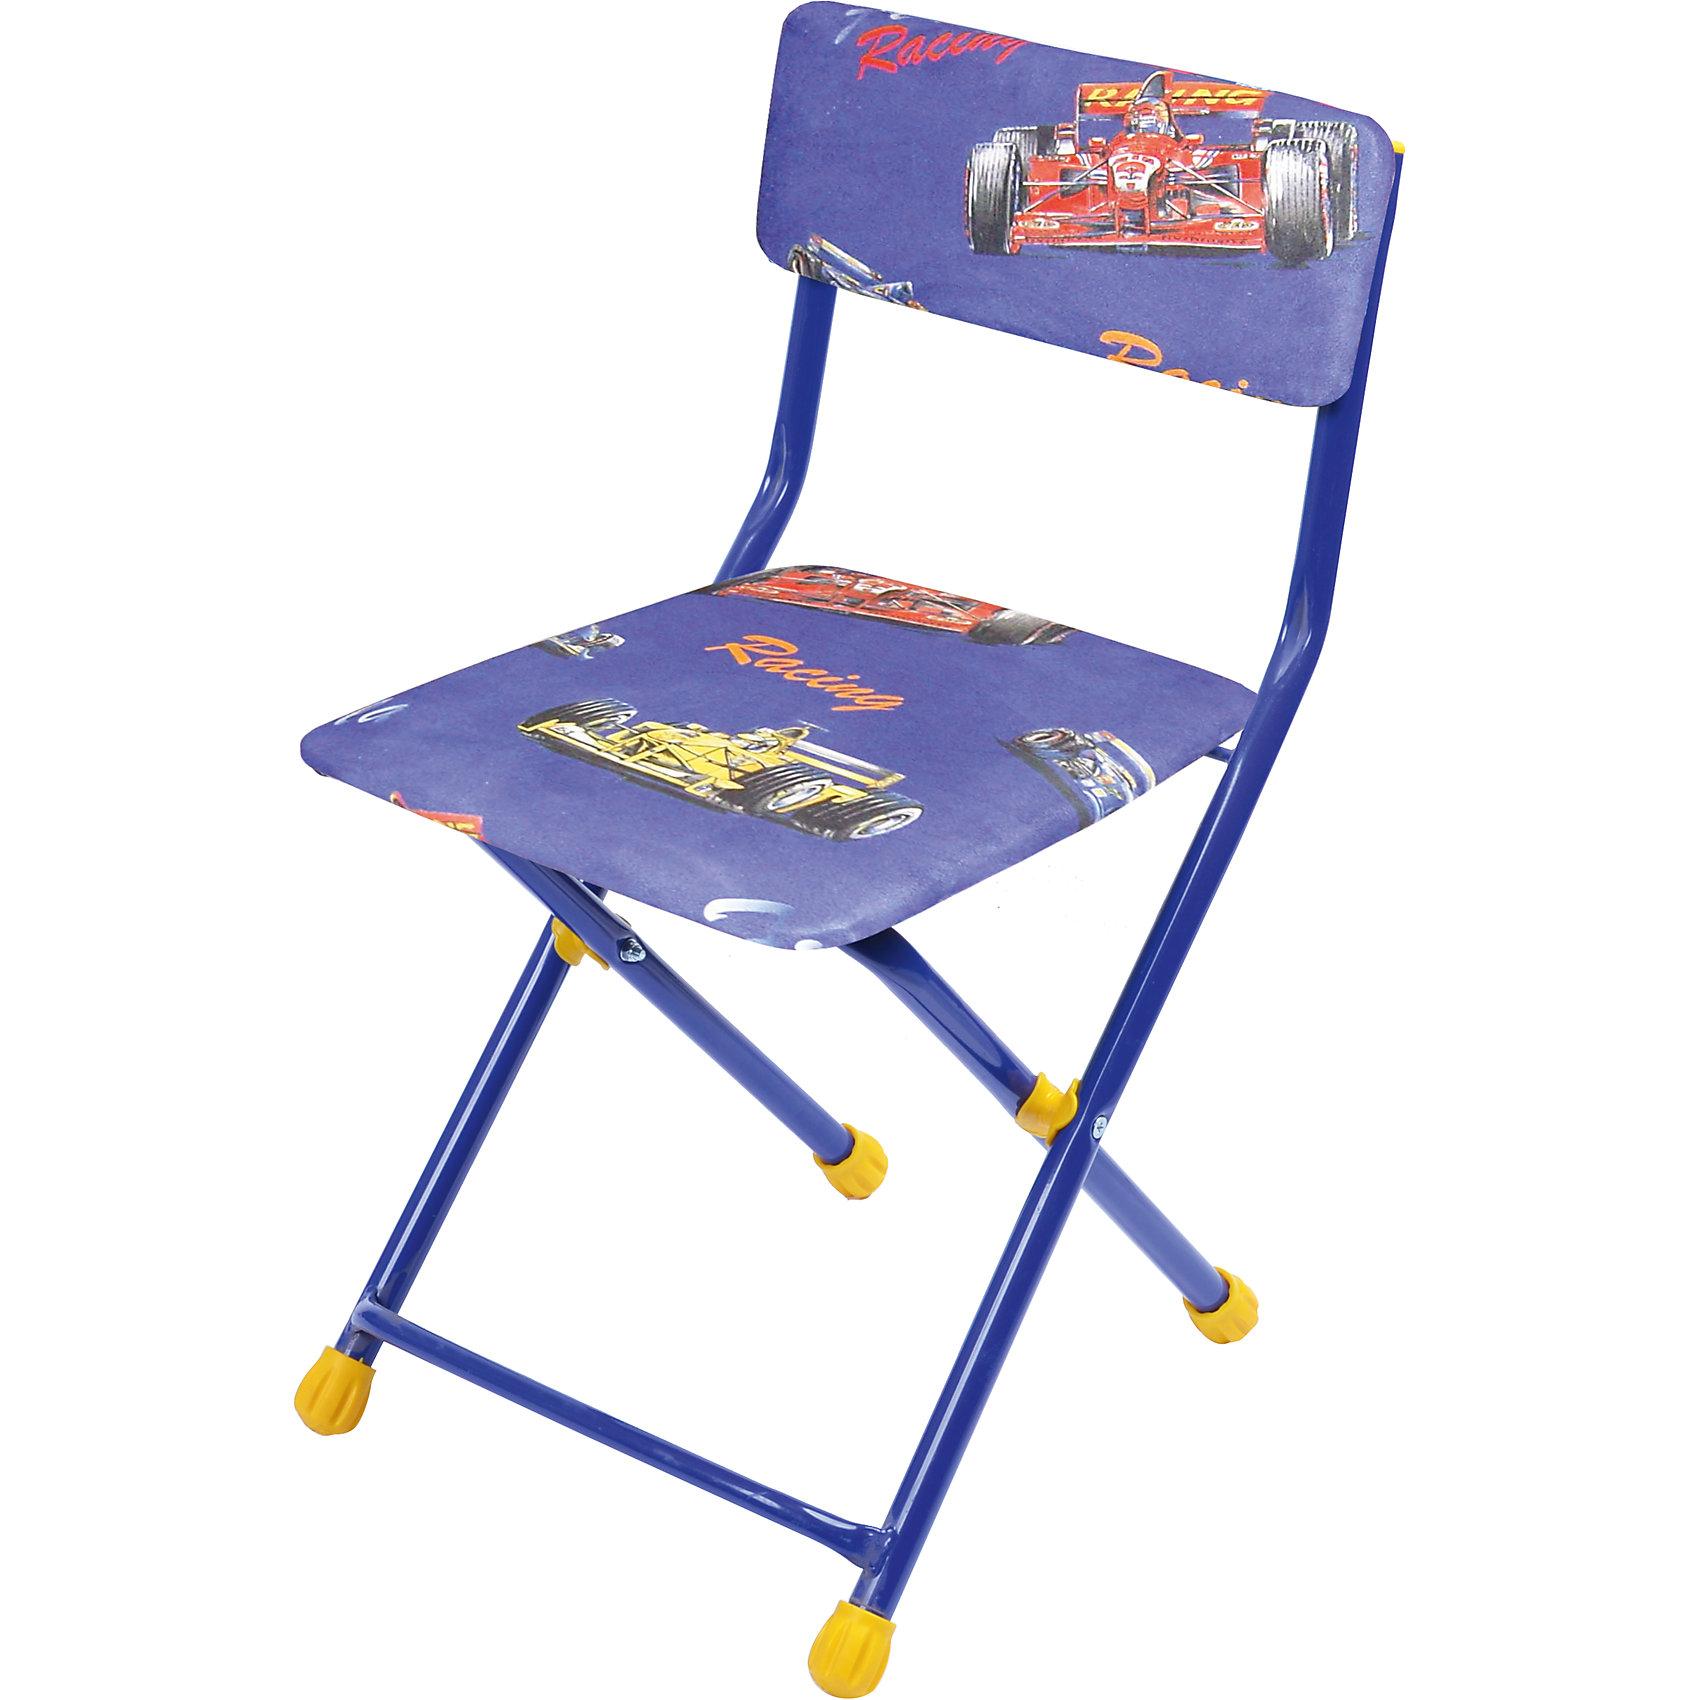 Складной стул с мягким сиденьем КУ1 Феррари, НикаМебель<br>Характеристики товара:<br><br>• материал: металл, пластик, текстиль<br>• сиденье: 310х270 мм<br>• высота до сиденья: 320 мм<br>• высота со спинкой 570 мм<br>• на ножках пластмассовые наконечники<br>• складной<br>• на сиденье мягкая обивка из флока <br>• возраст: от 3 до 7 лет<br>• страна бренда: Российская Федерация<br>• страна производства: Российская Федерация<br><br>Детская мебель может быть удобной и эргономичной! Этот стул разработан специально для детей от трех до семи лет. Он легко складывается и раскладывается, занимает немного места. Сиденье обито мягким флоком, а на ножках стула установлены пластмассовые наконечники для защиты напольного покрытия. Отличное решение для игр, творчества и обучения!<br>Правильно подобранная мебель помогает ребенку расти здоровым, формироваться правильной осанке. Изделие производится из качественных сертифицированных материалов, безопасных даже для самых маленьких.<br><br>Складной стул с мягким сиденьем КУ1 Феррари от бренда Ника можно купить в нашем интернет-магазине.<br><br>Ширина мм: 700<br>Глубина мм: 160<br>Высота мм: 330<br>Вес г: 2520<br>Возраст от месяцев: 36<br>Возраст до месяцев: 84<br>Пол: Мужской<br>Возраст: Детский<br>SKU: 5223597